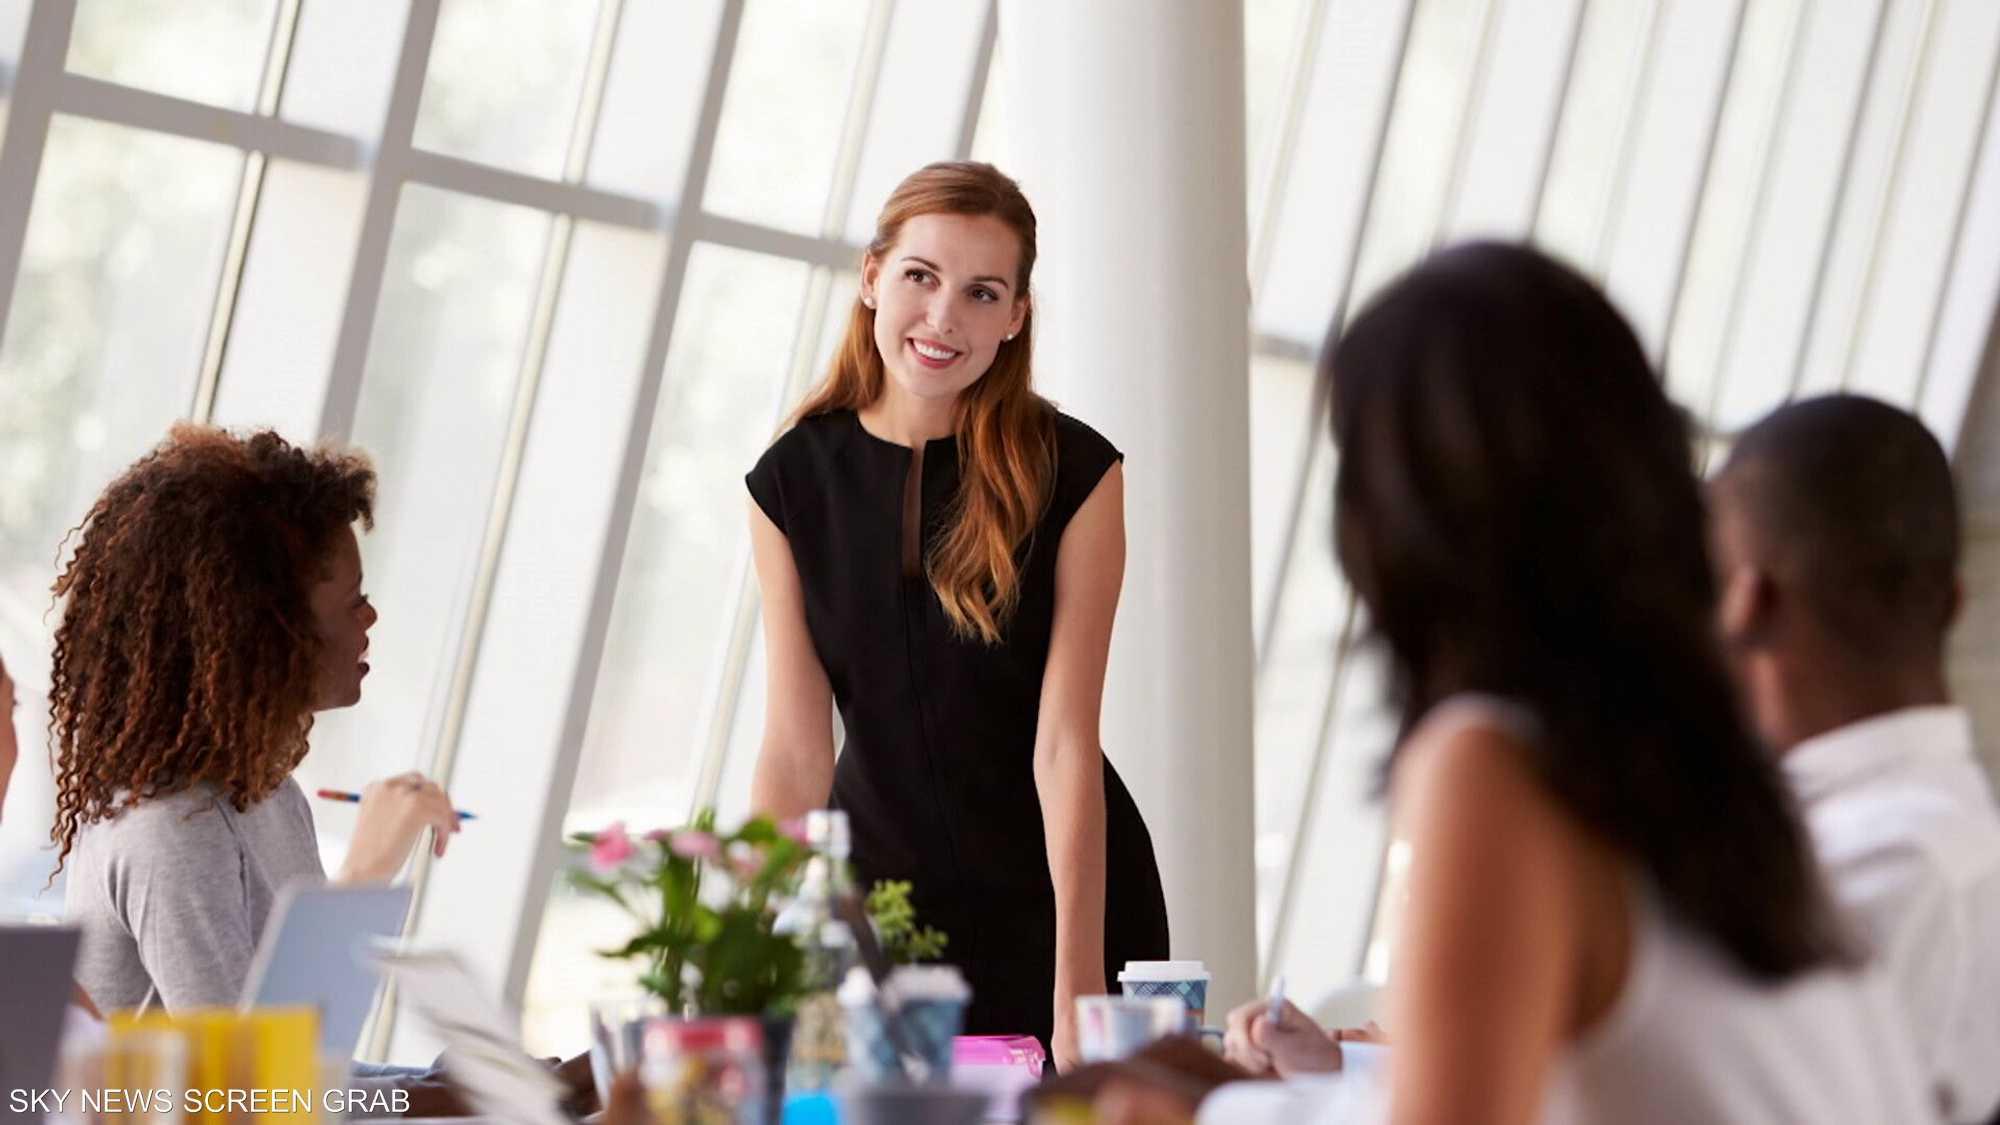 المرأة وأهمّية انخراطها في الوظائف العامة والقيادية